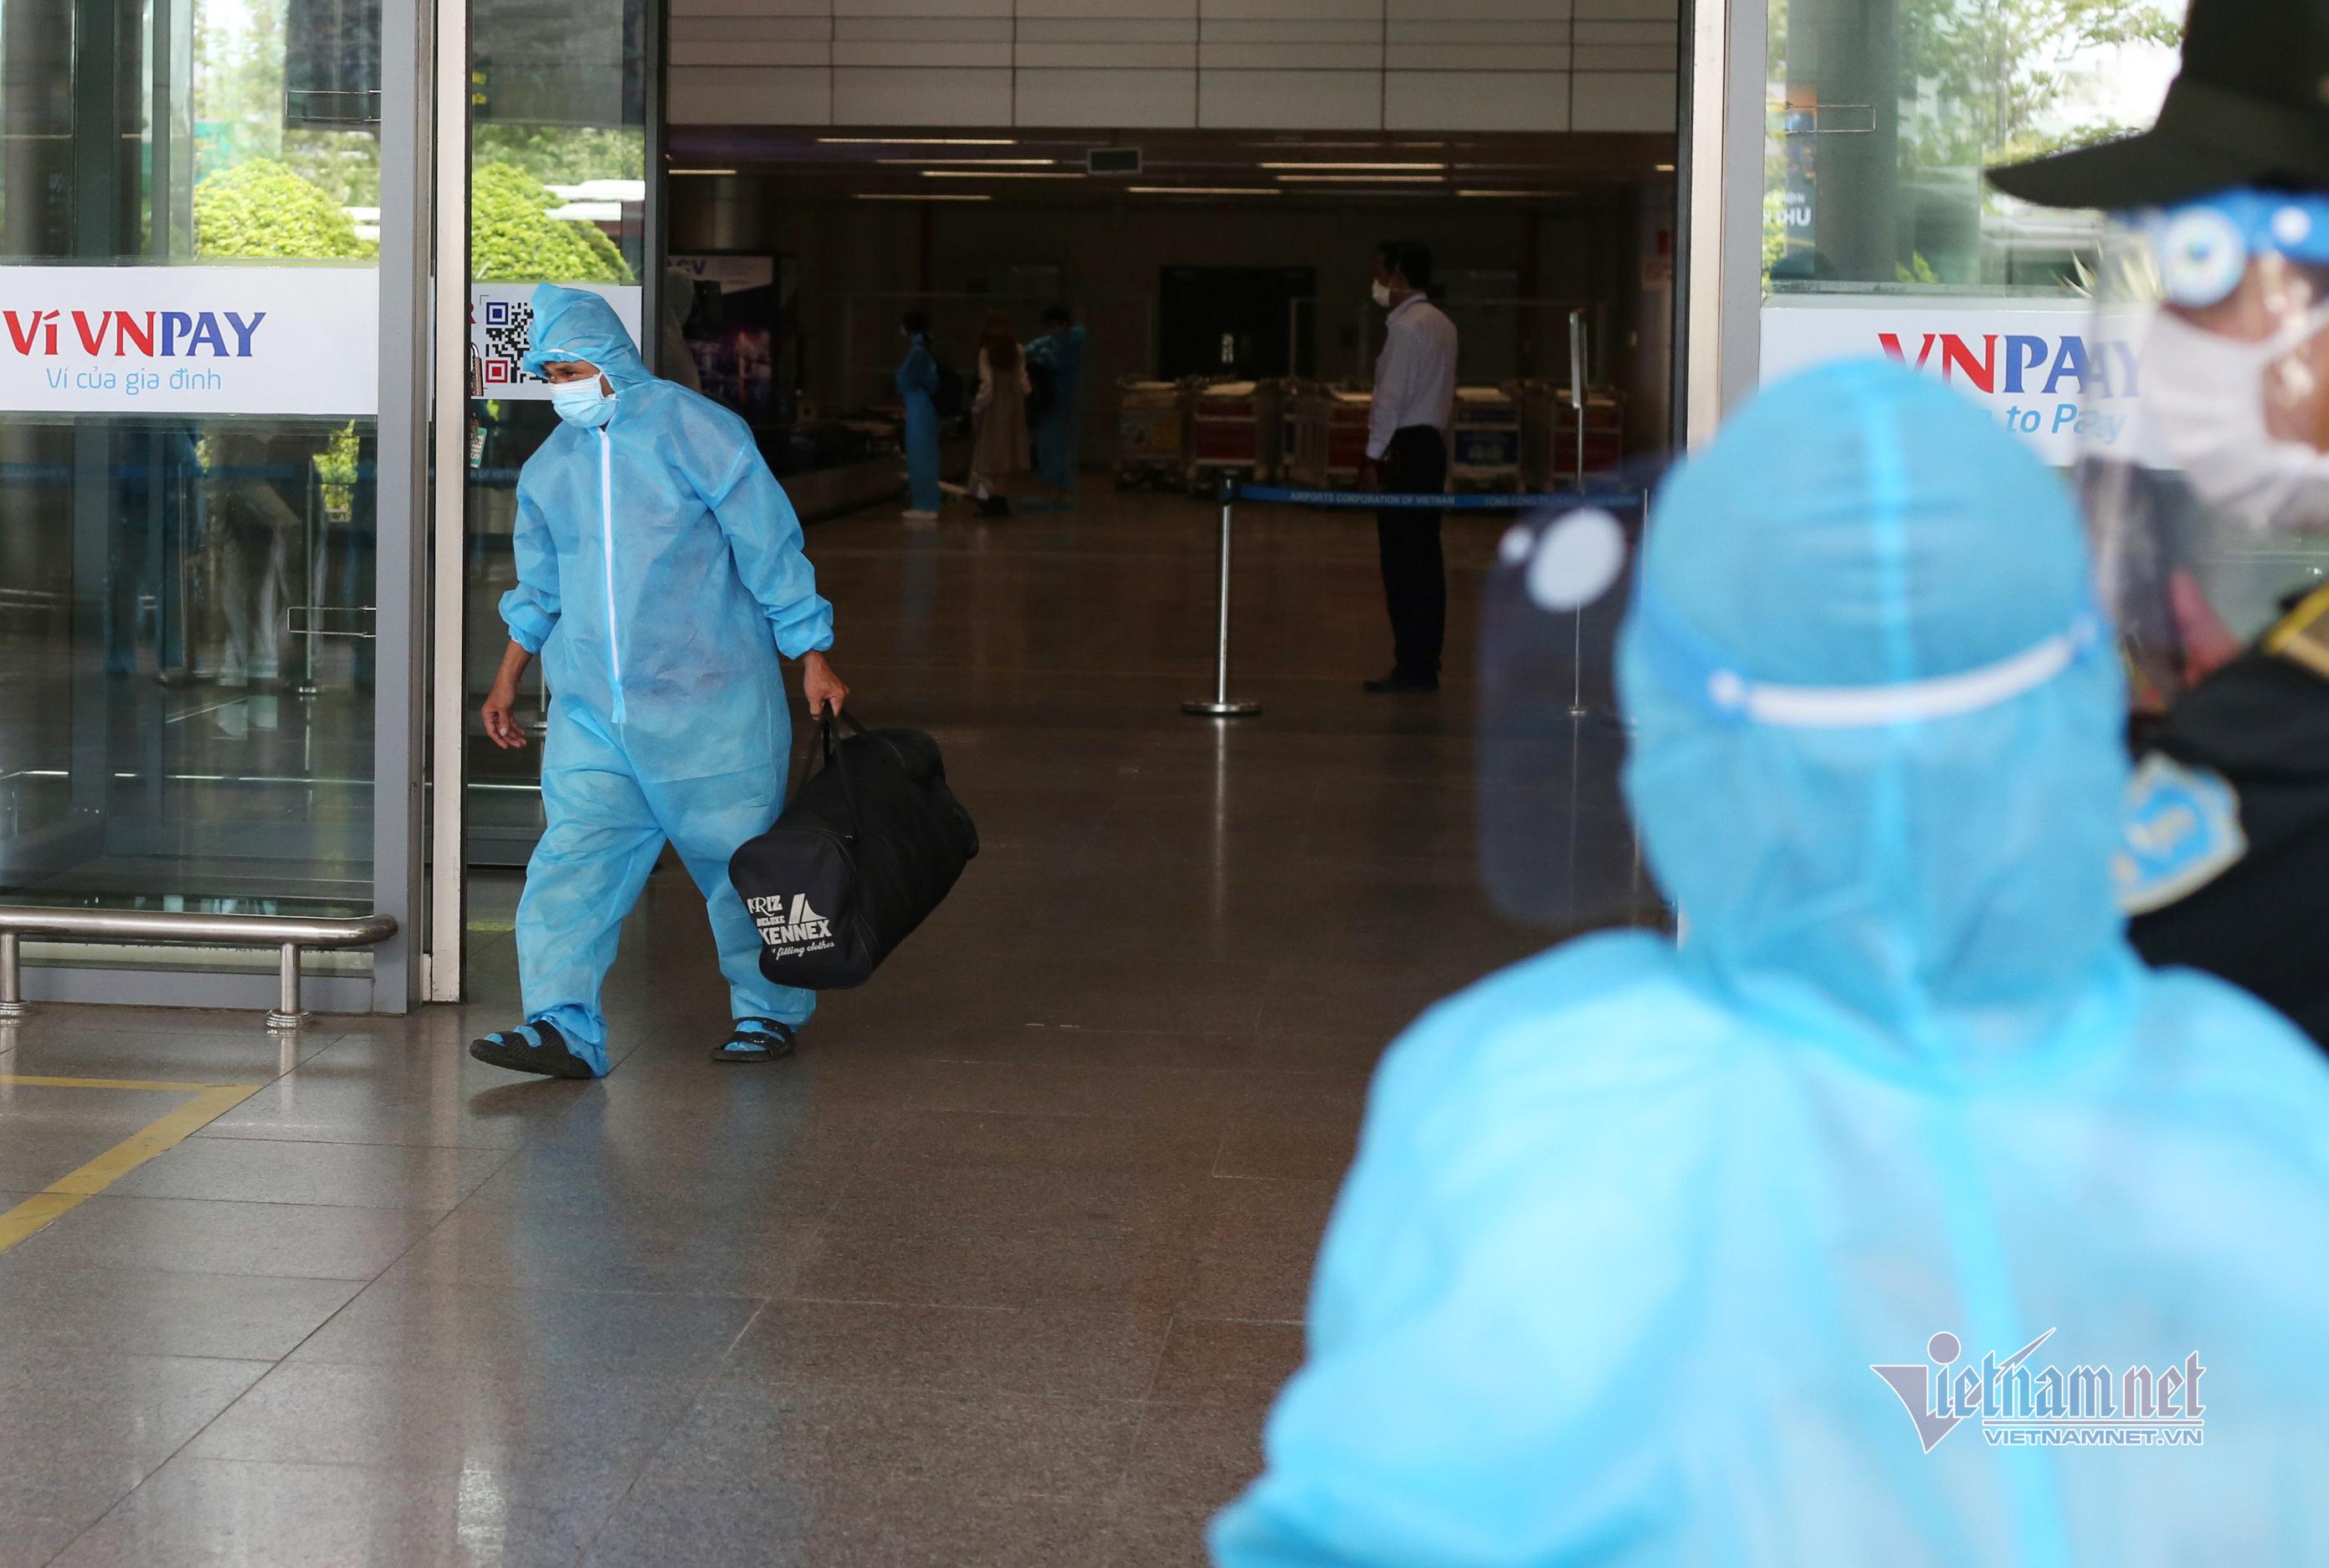 Hình ảnh chuyến bay đầu tiên đưa người dân Đà Nẵng từ TP.HCM về quê